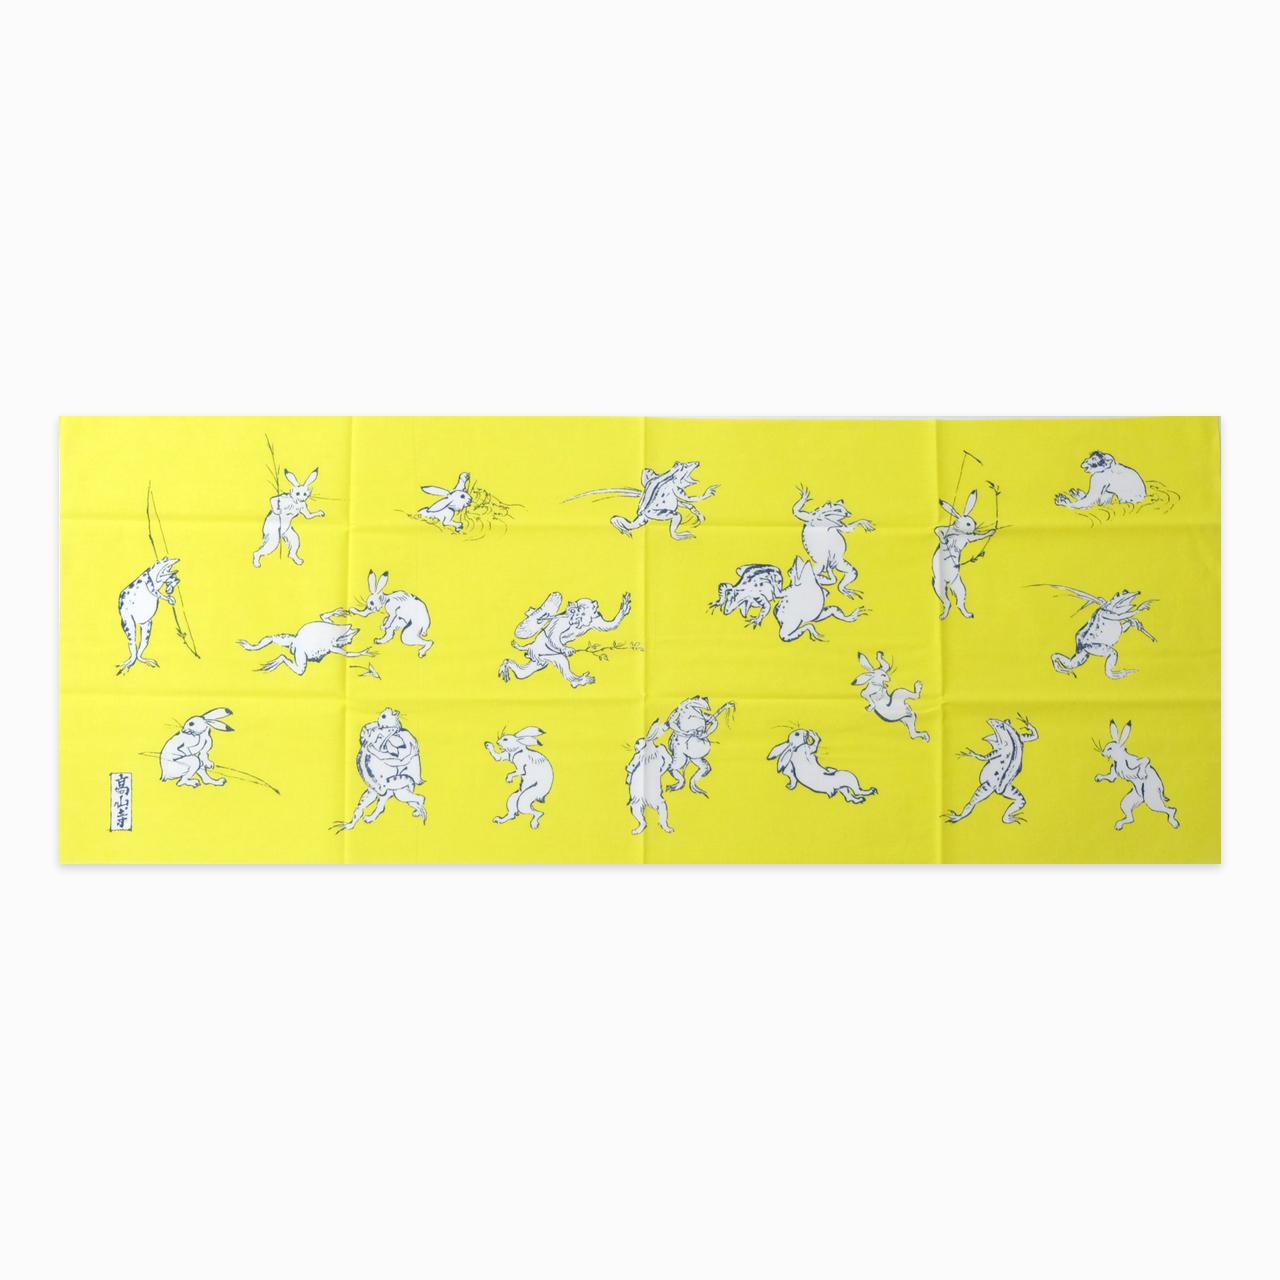 鳥獣戯画 手ぬぐい 鳥獣戯画 黄色